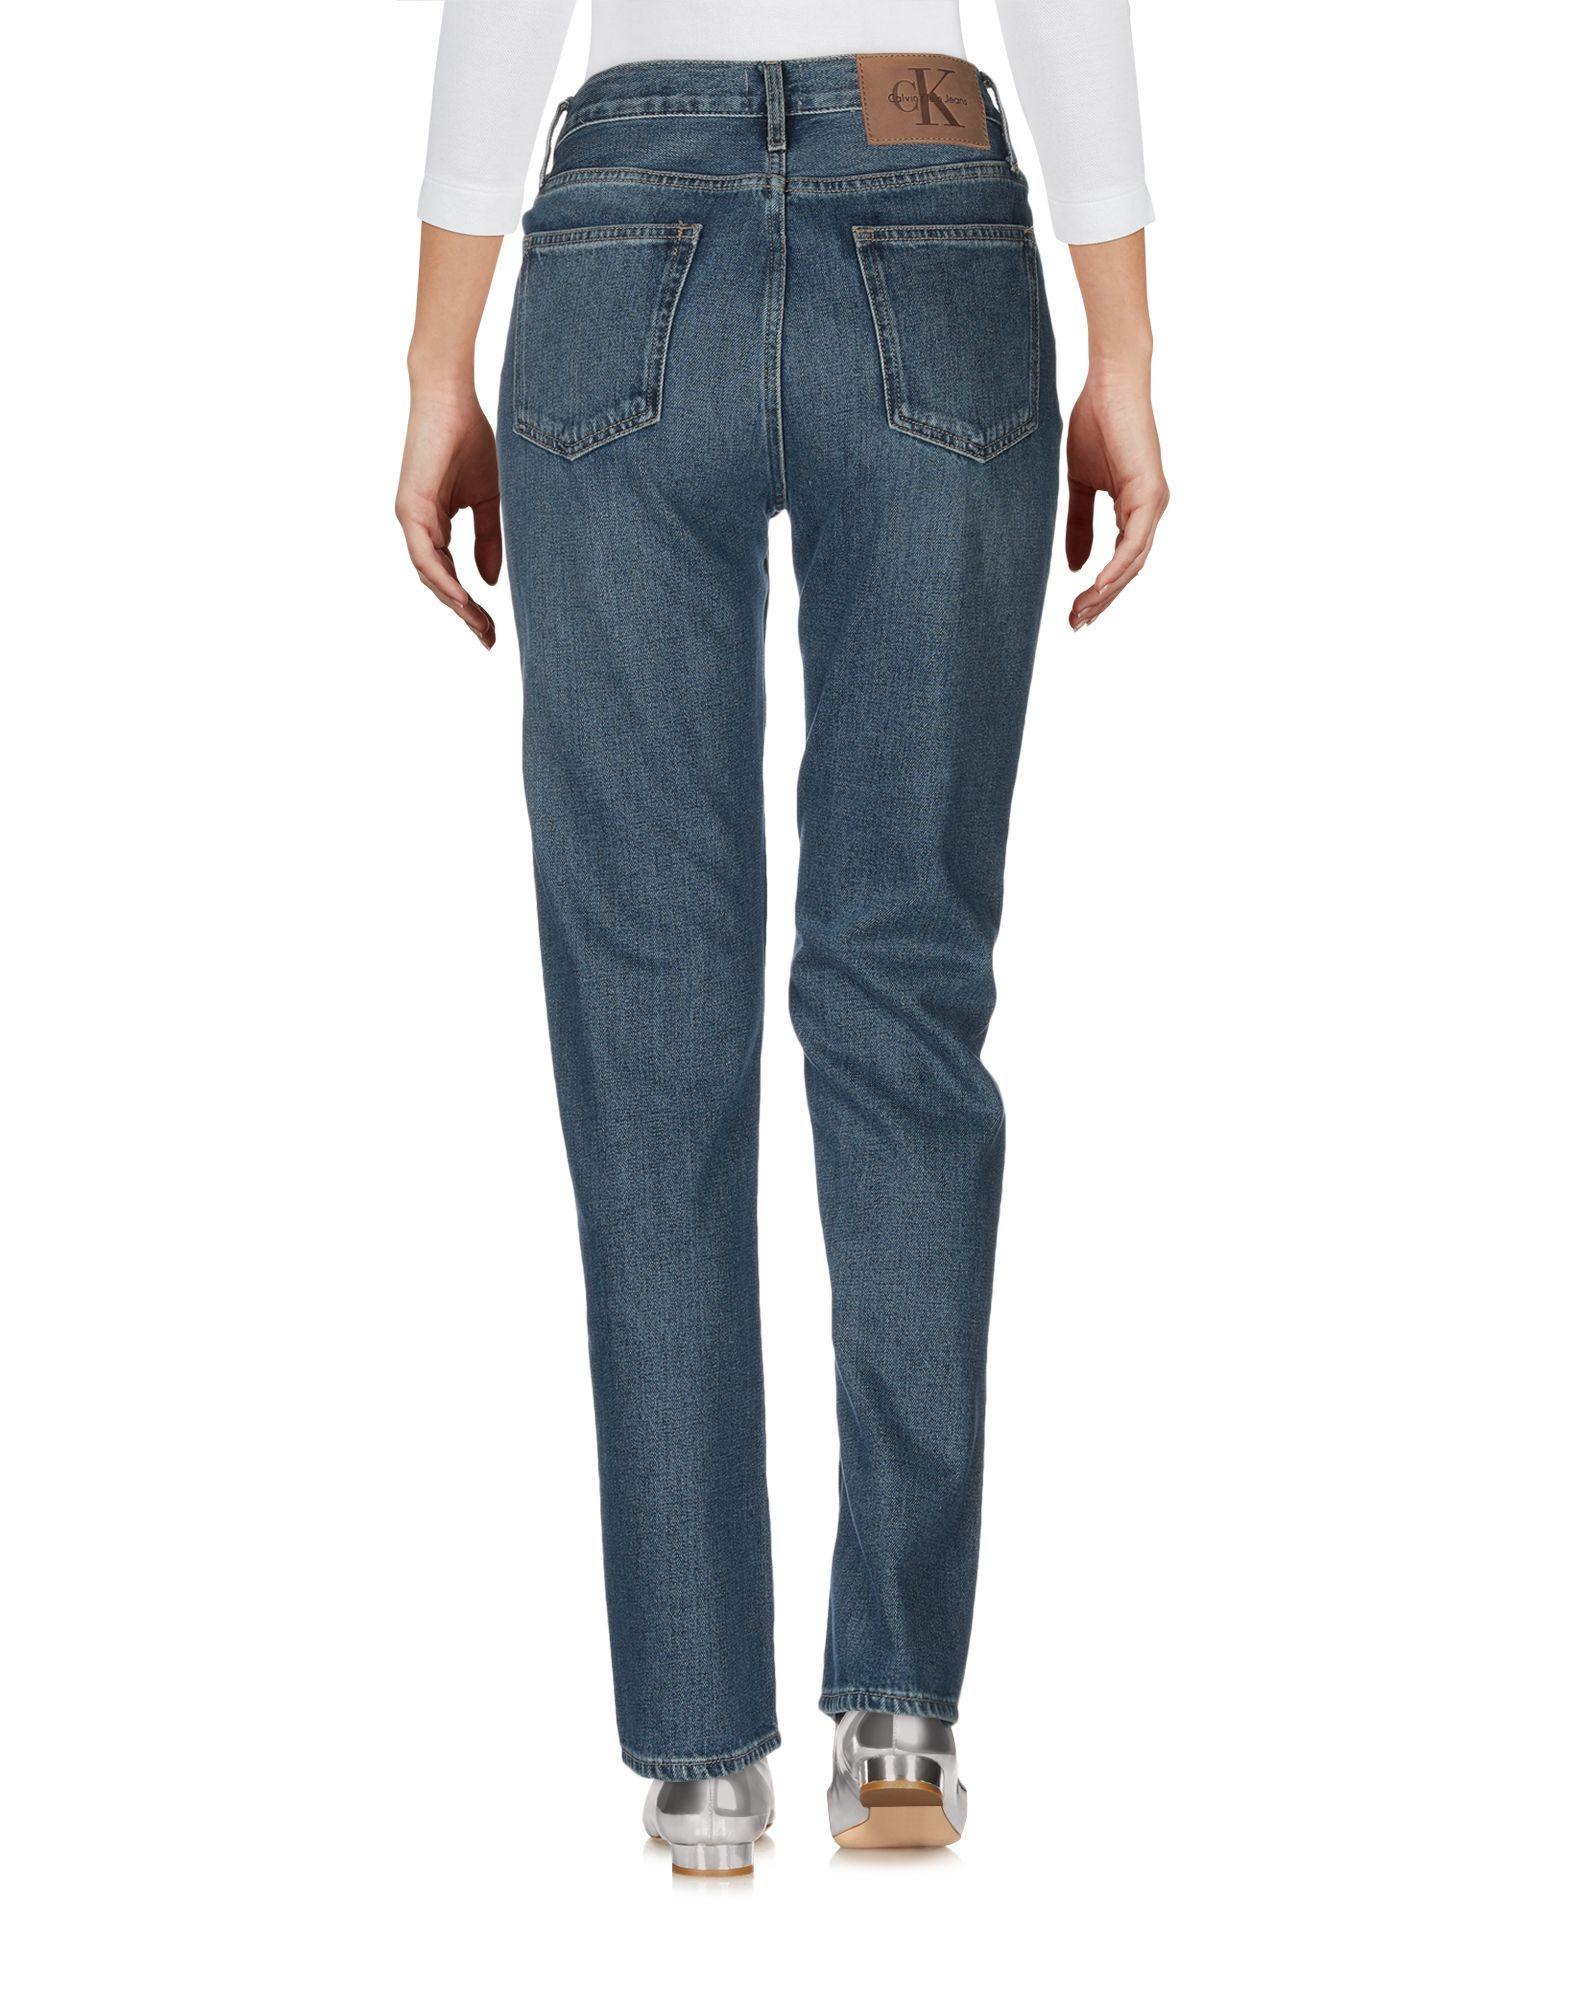 Calvin Klein Jeans Blue Cotton Jeans